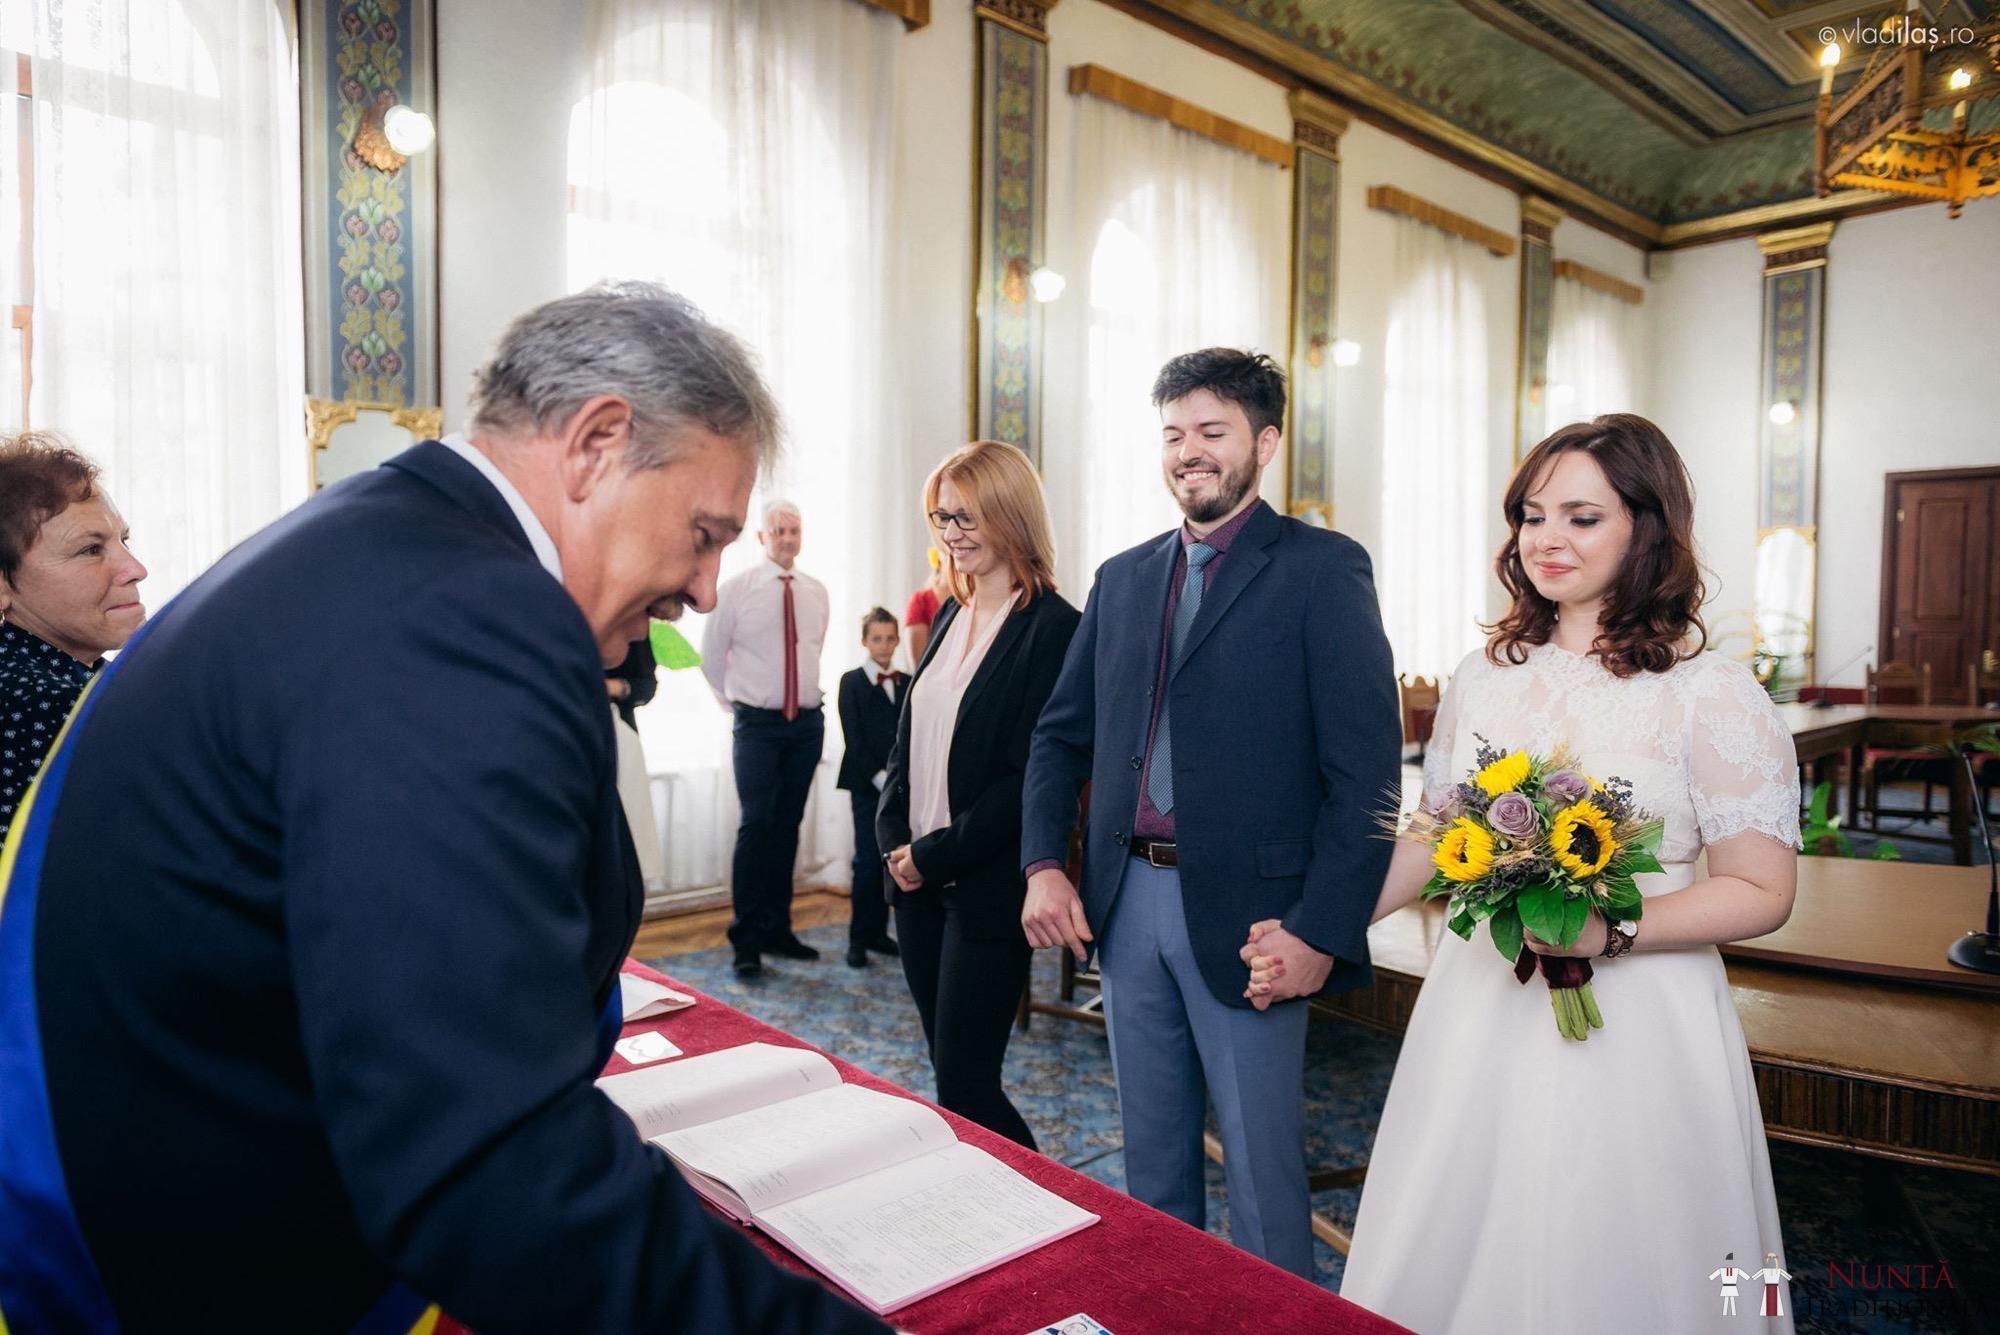 Povești Nunți Tradiționale - Oana și Sergiu - Nuntă tradițională-n Pojorâta, Bucovina 32